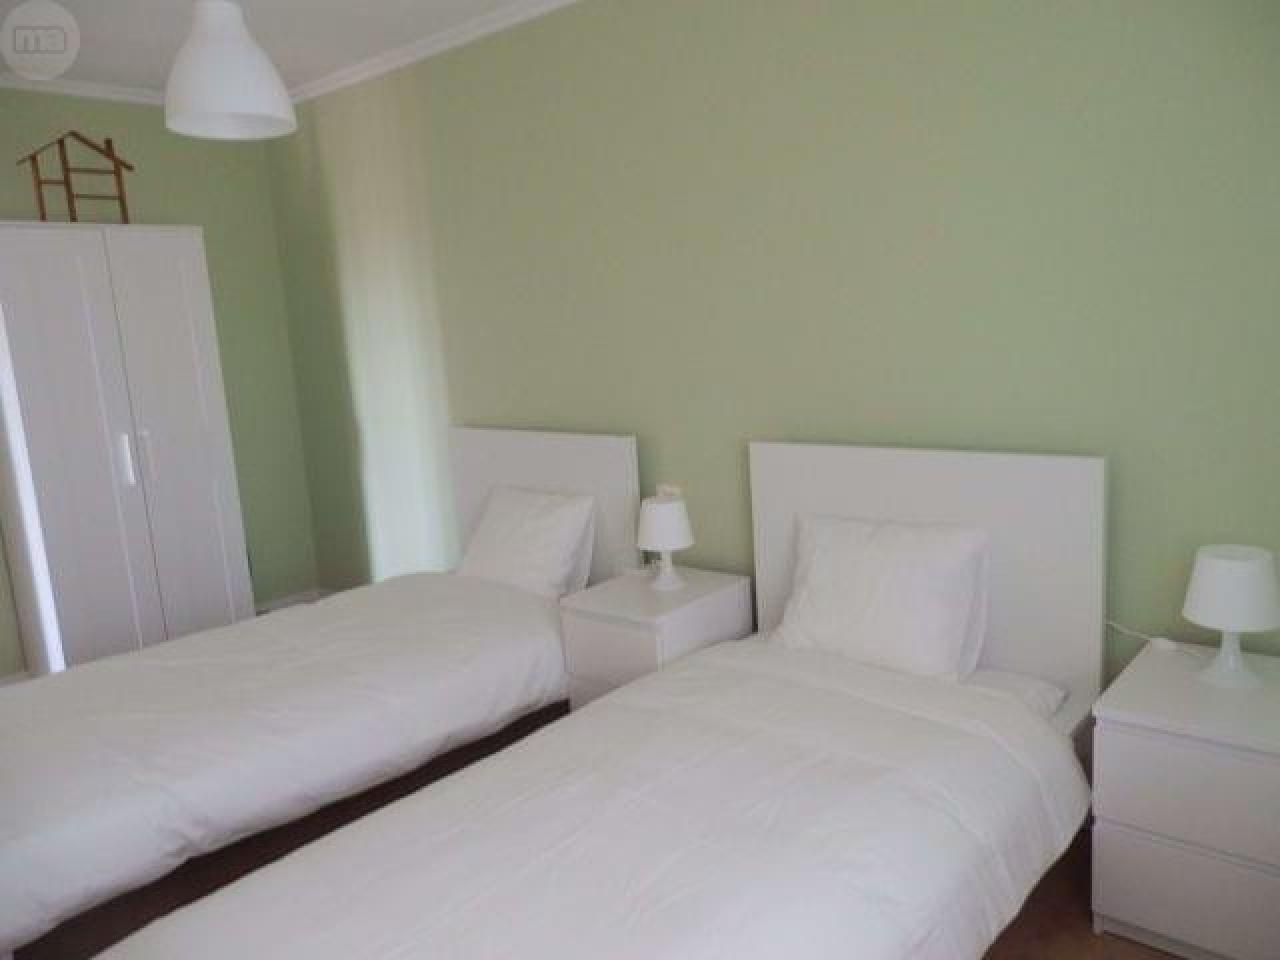 Apartamento para vacaciones Tui, Pontevedra